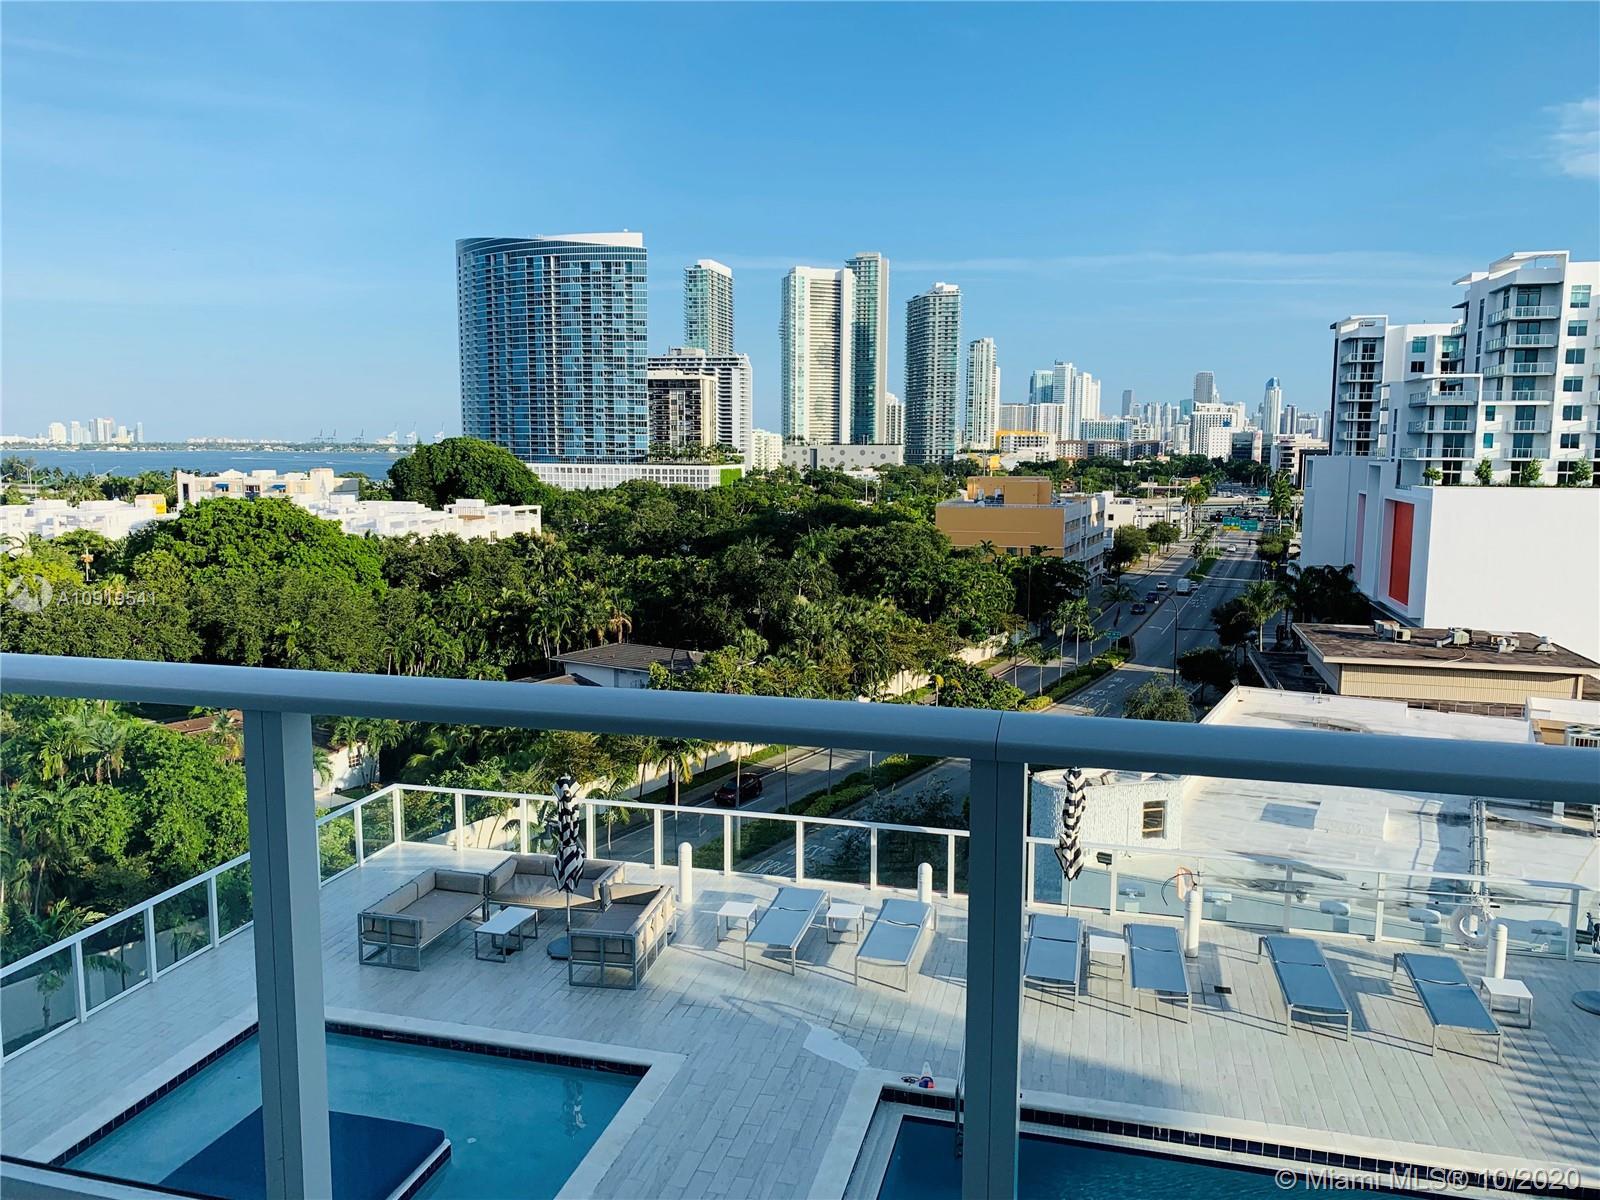 Baltus House #918 - 4250 Biscayne Blvd #918, Miami, FL 33137